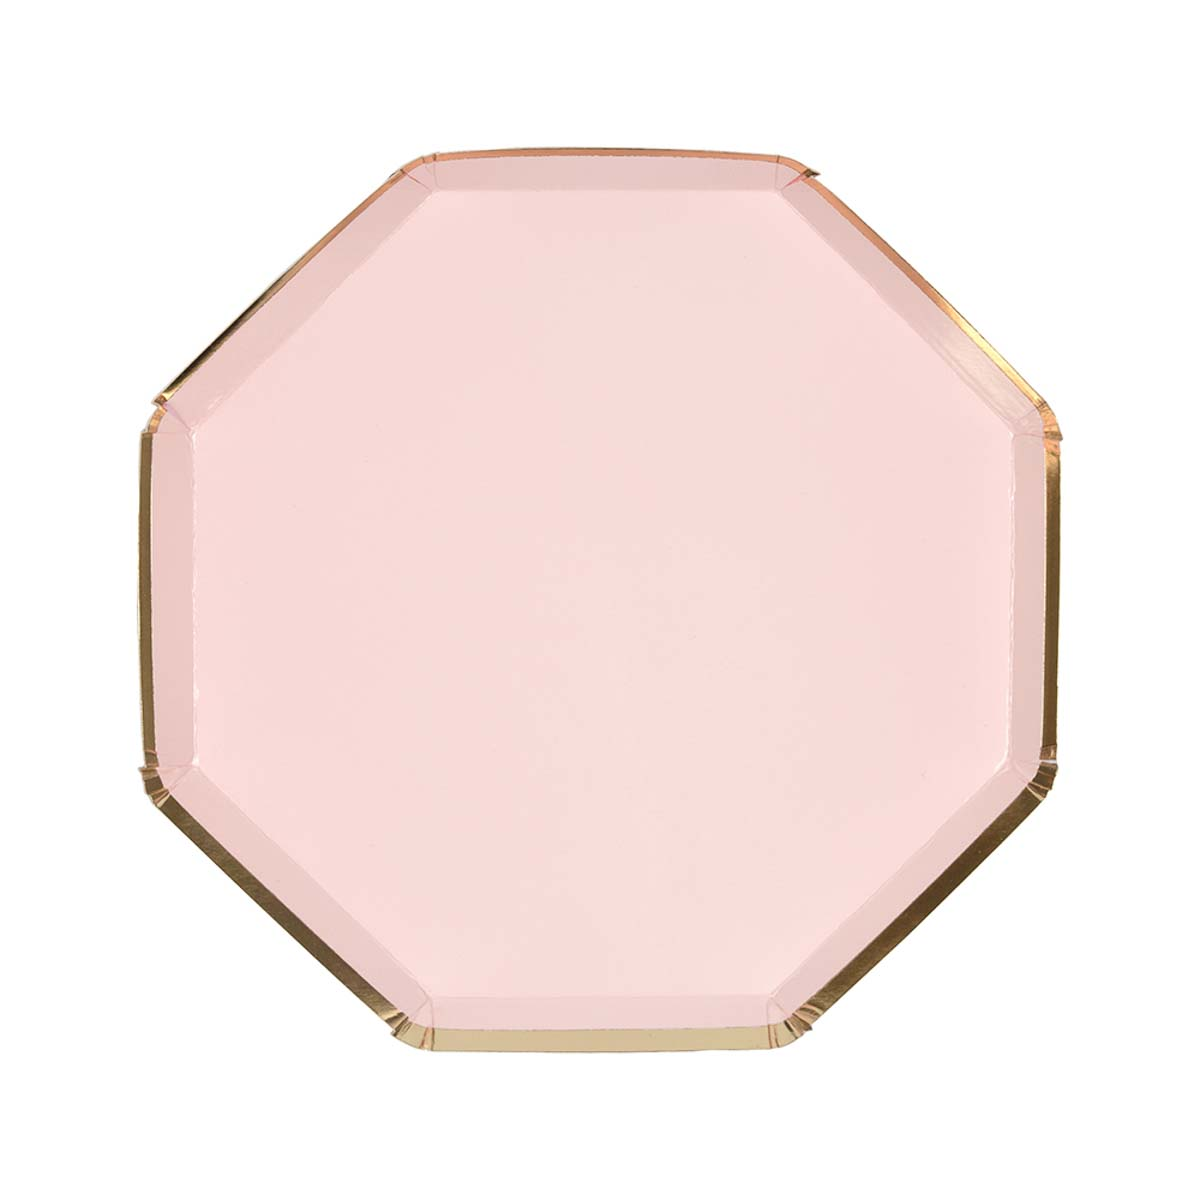 Piatti piccoli Pale Pink 1